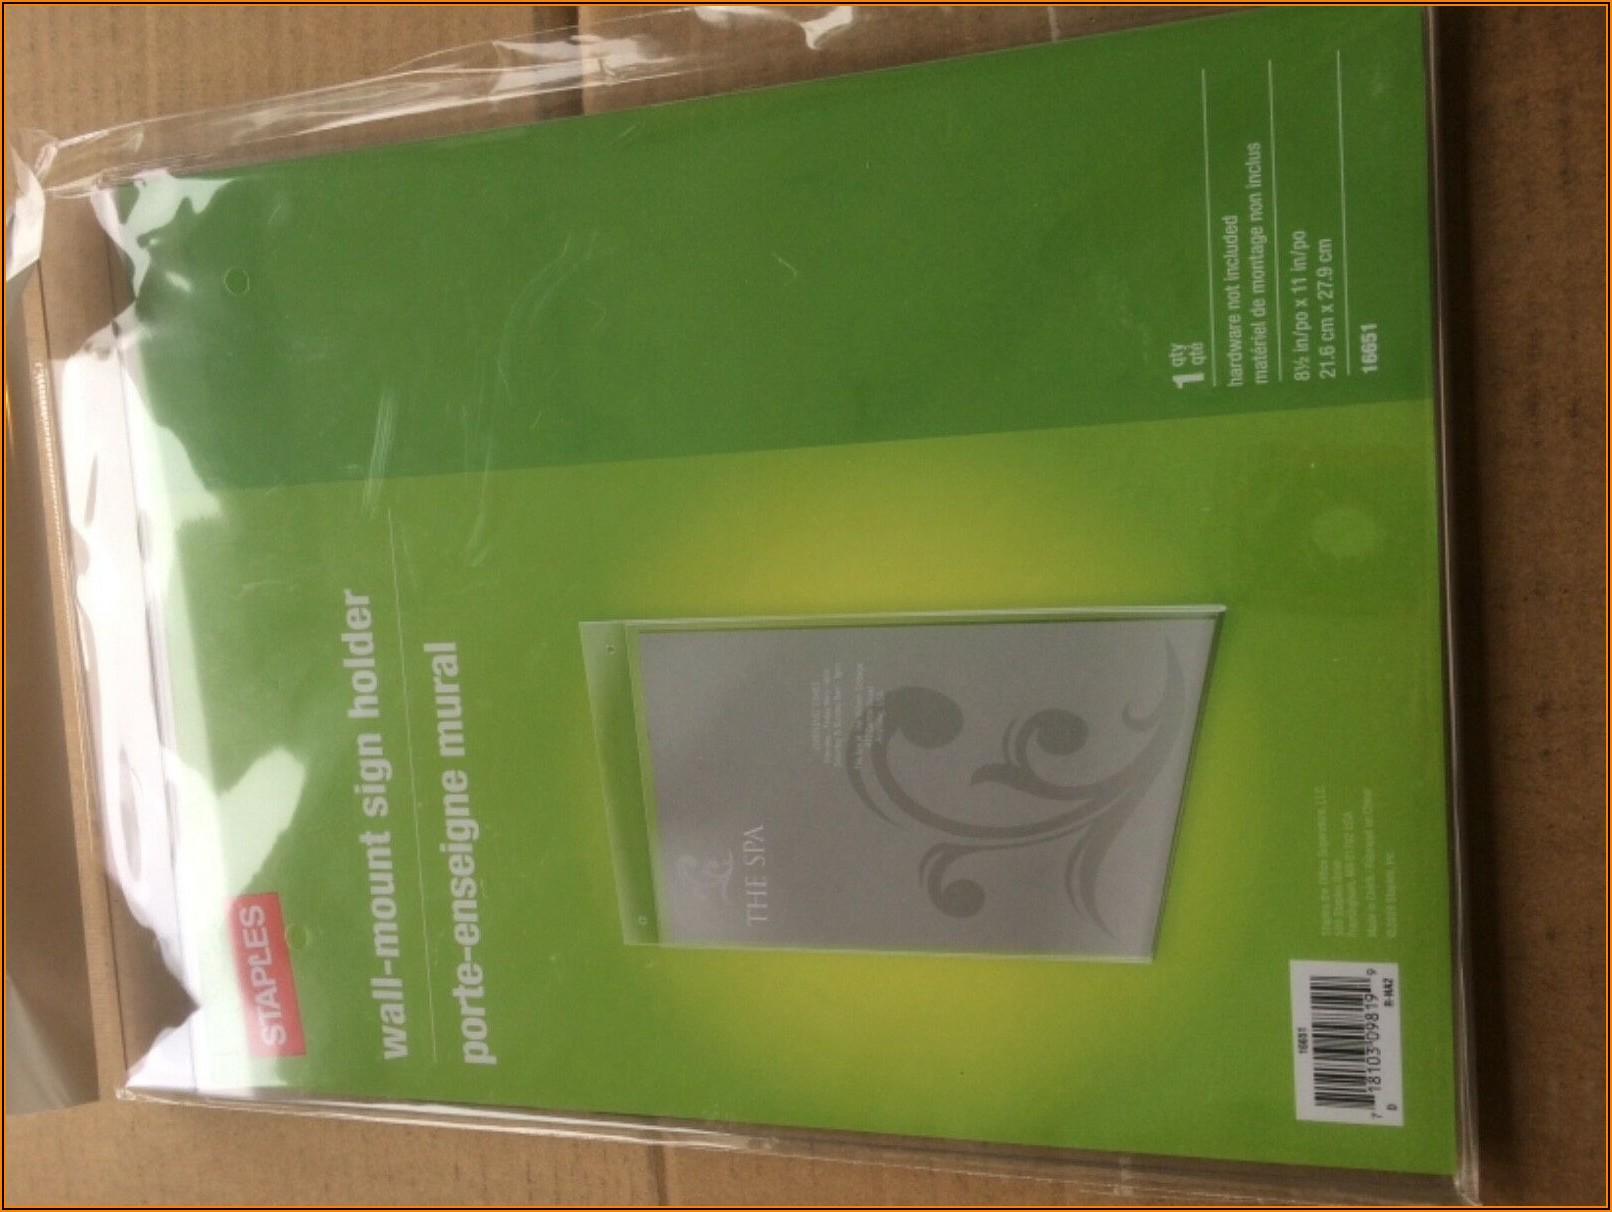 Tri Fold Brochure Holder Staples